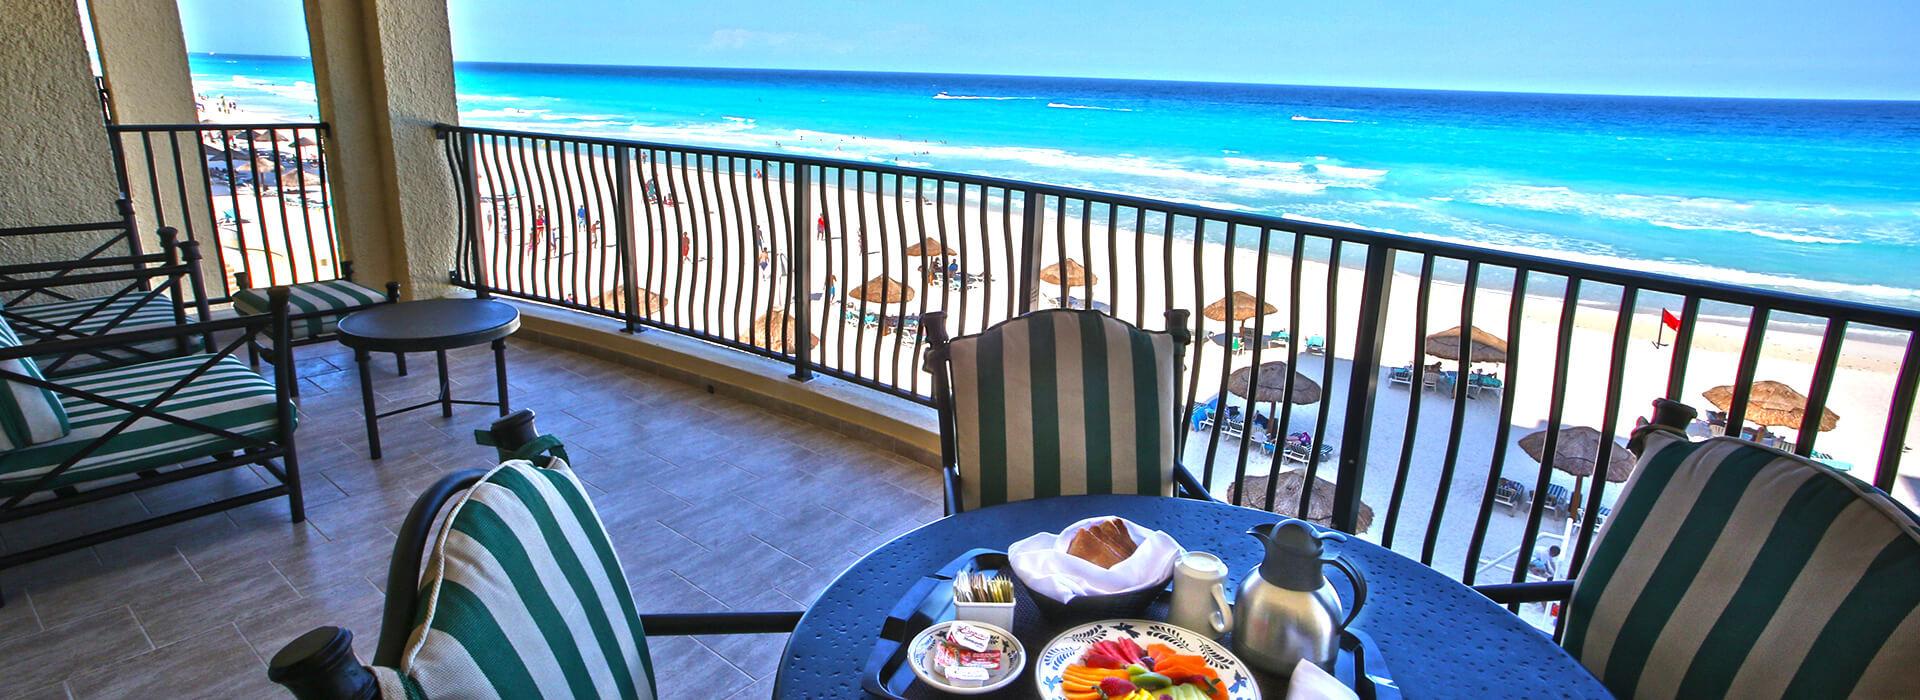 Amenidades de las villas frente al mar de una recámara para sus vacaciones Todo Incluido en Cancun